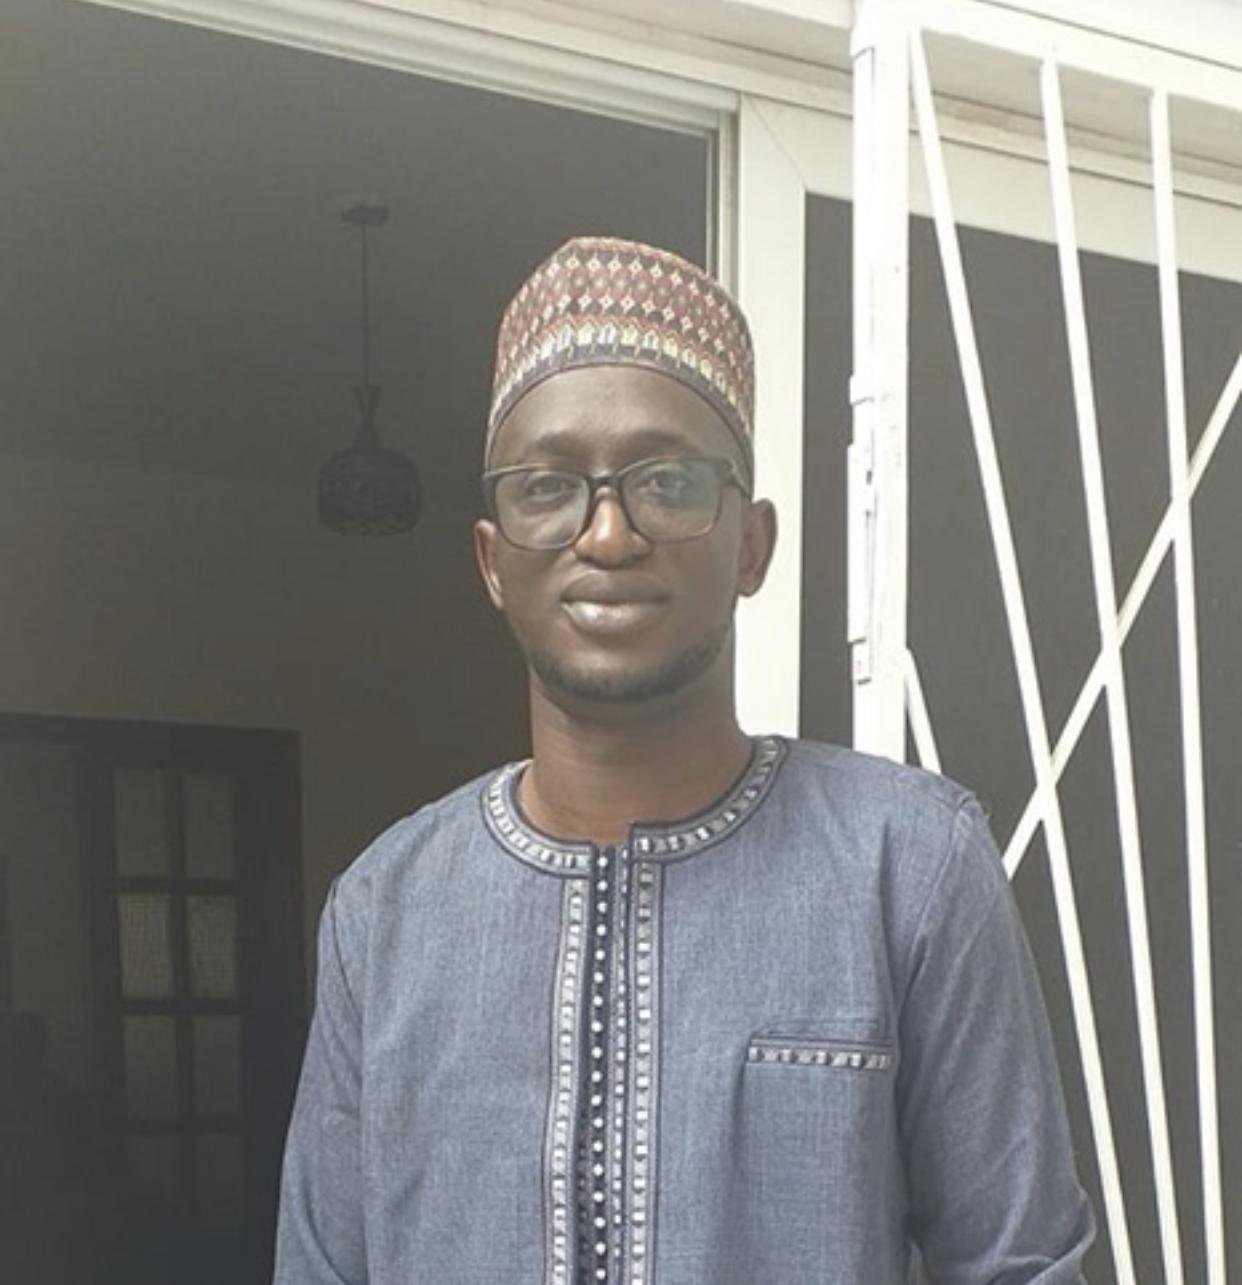 Attitudes d'Abdoul Mbaye et de Thierno Alassane Sall : Quels irresponsables!